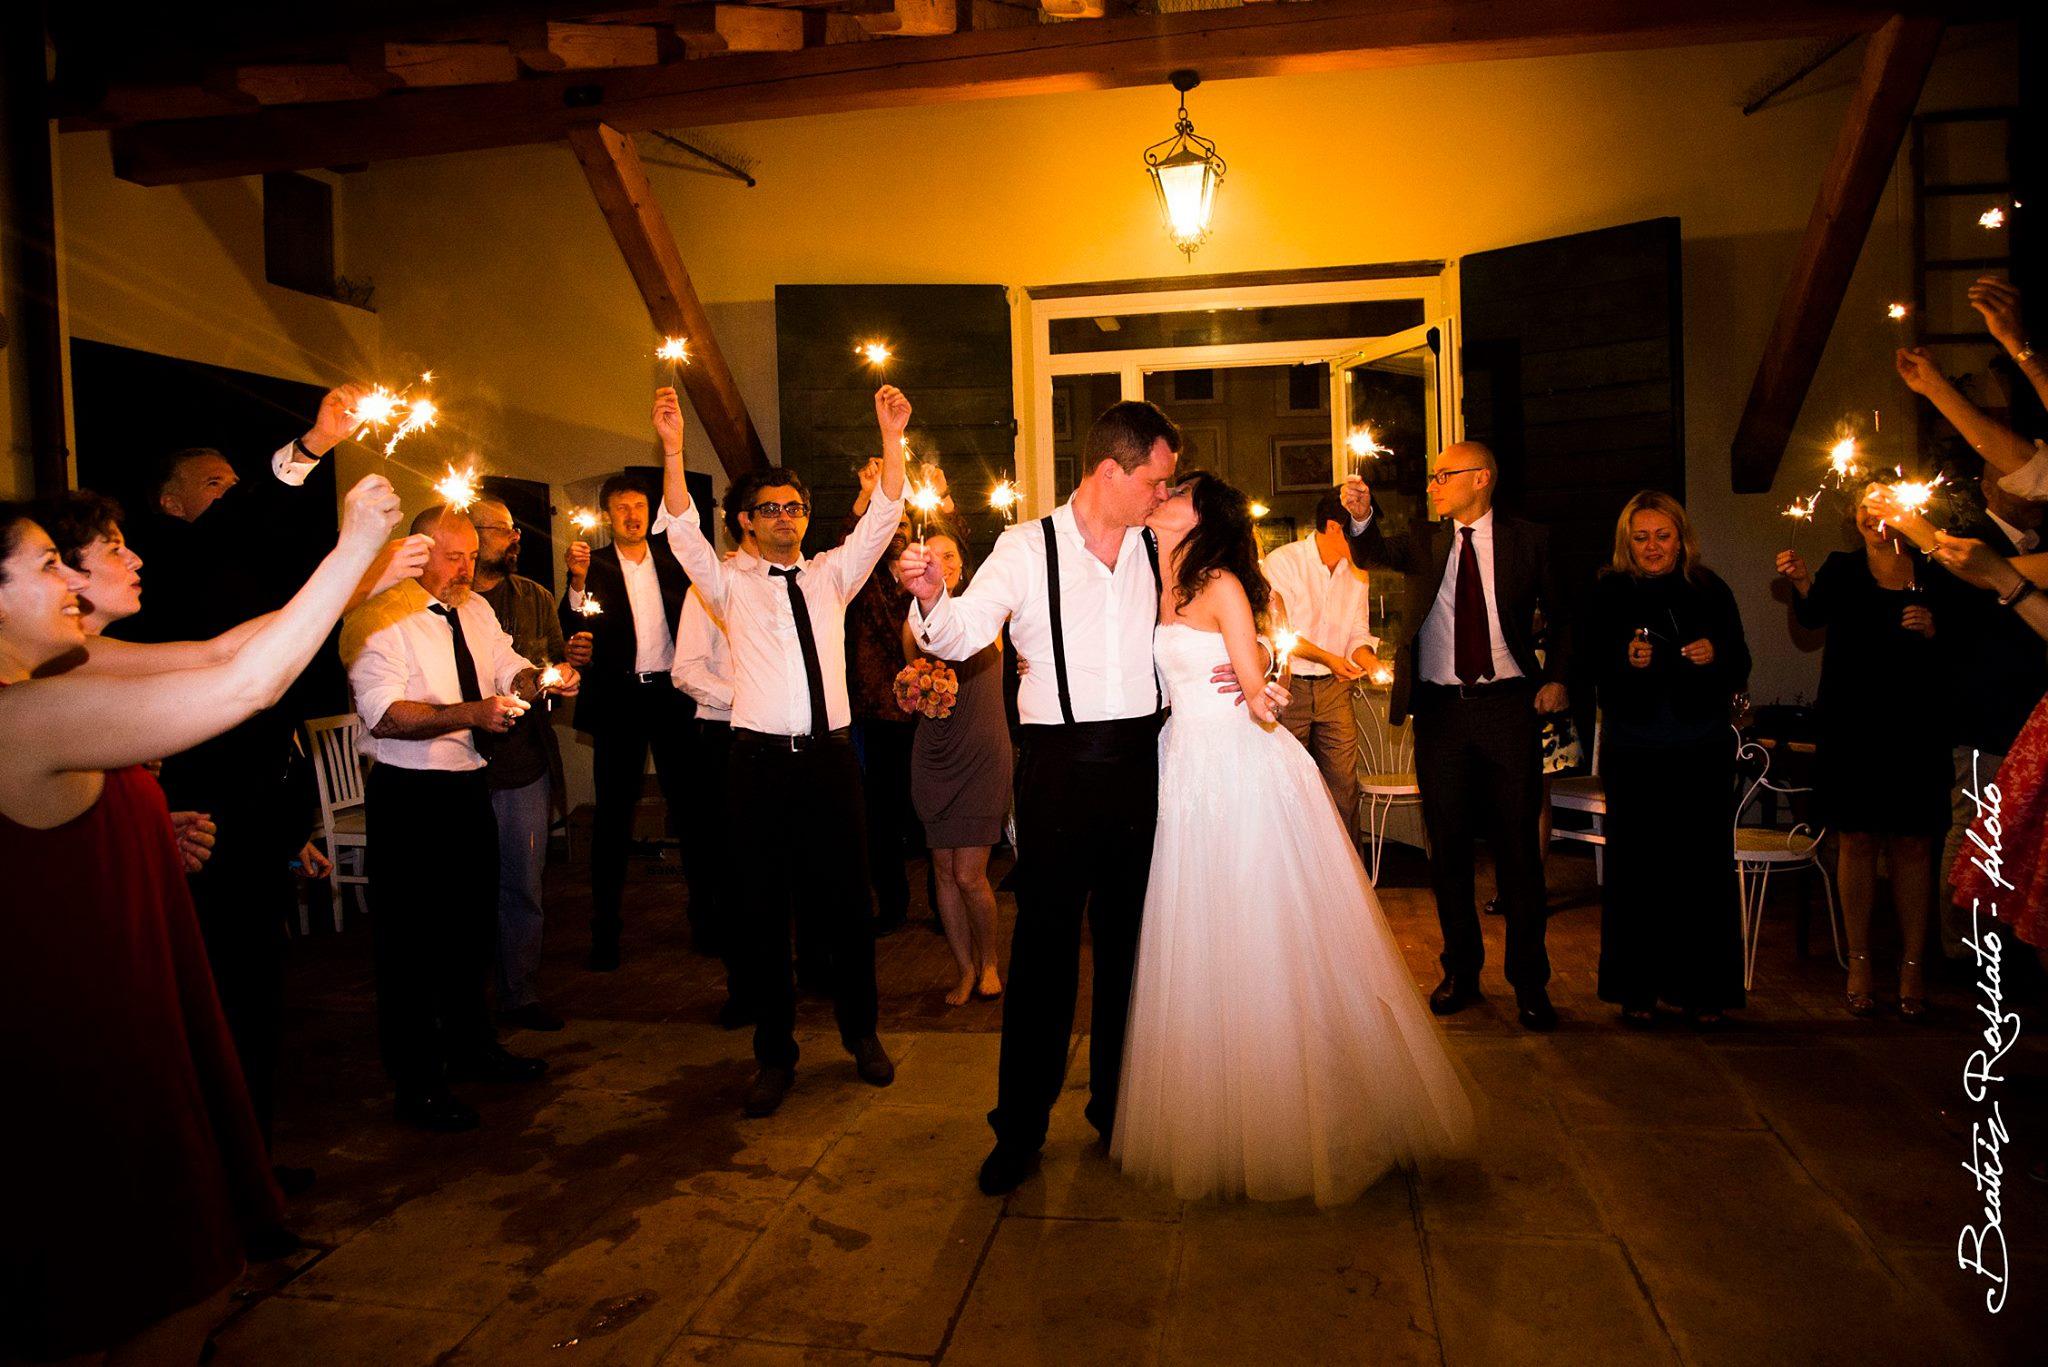 Festa di matrimonio